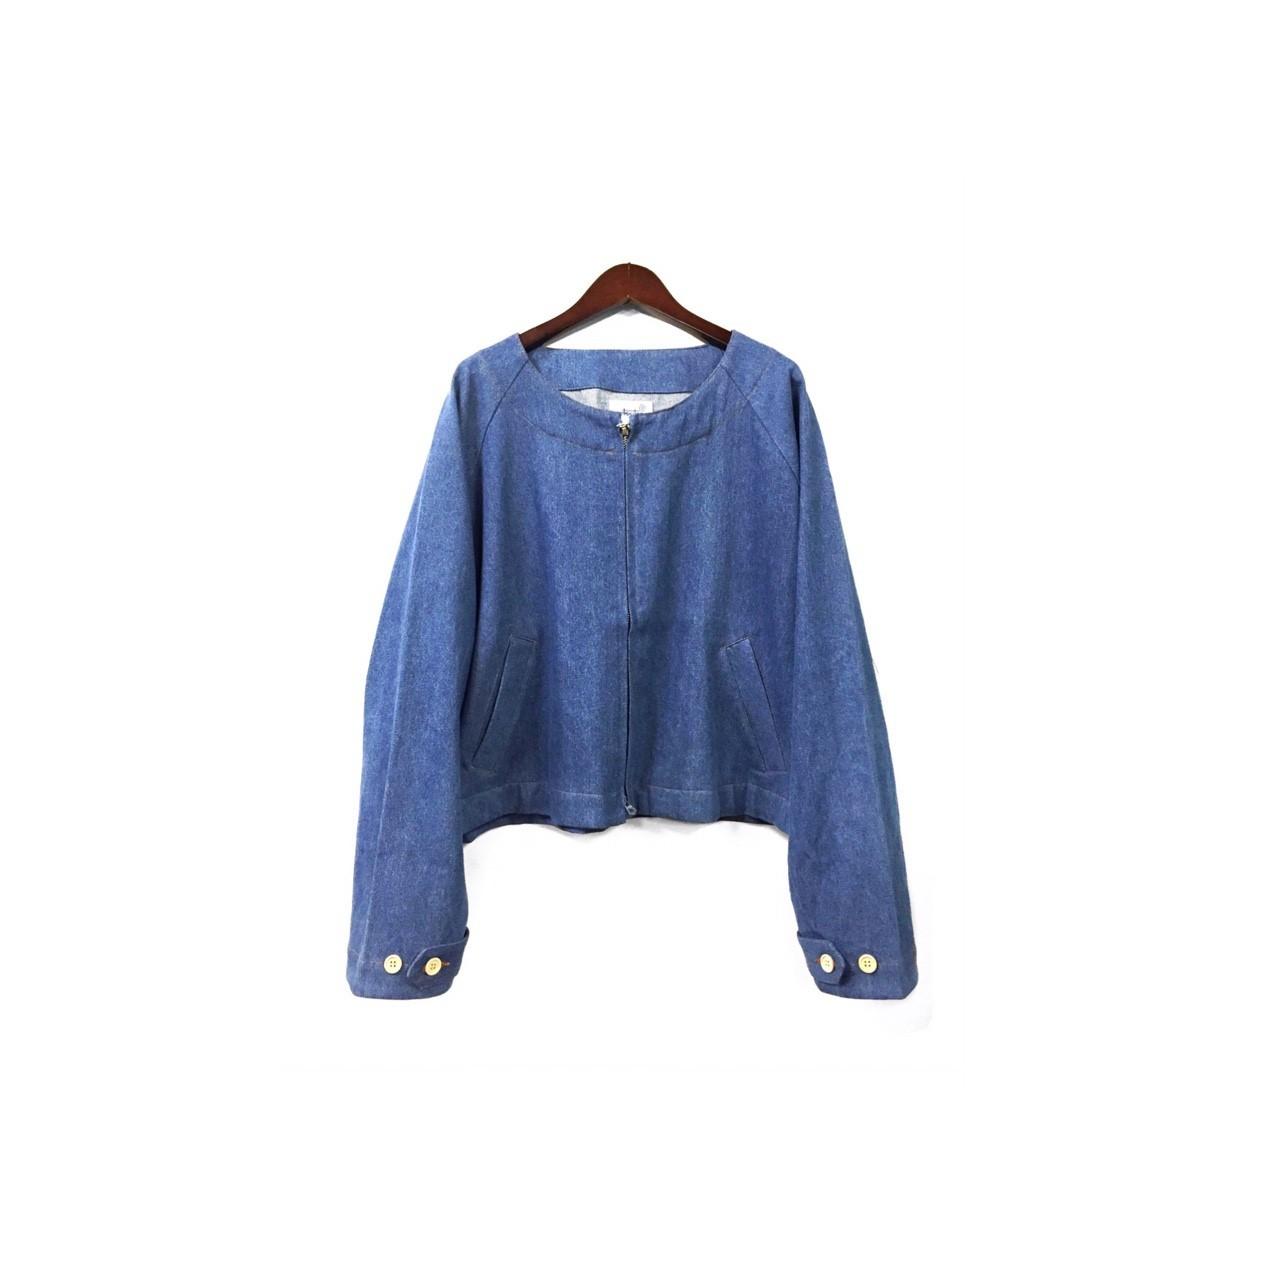 yotsuba - Nocollar Denim Jacket / Wash ¥23000+tax